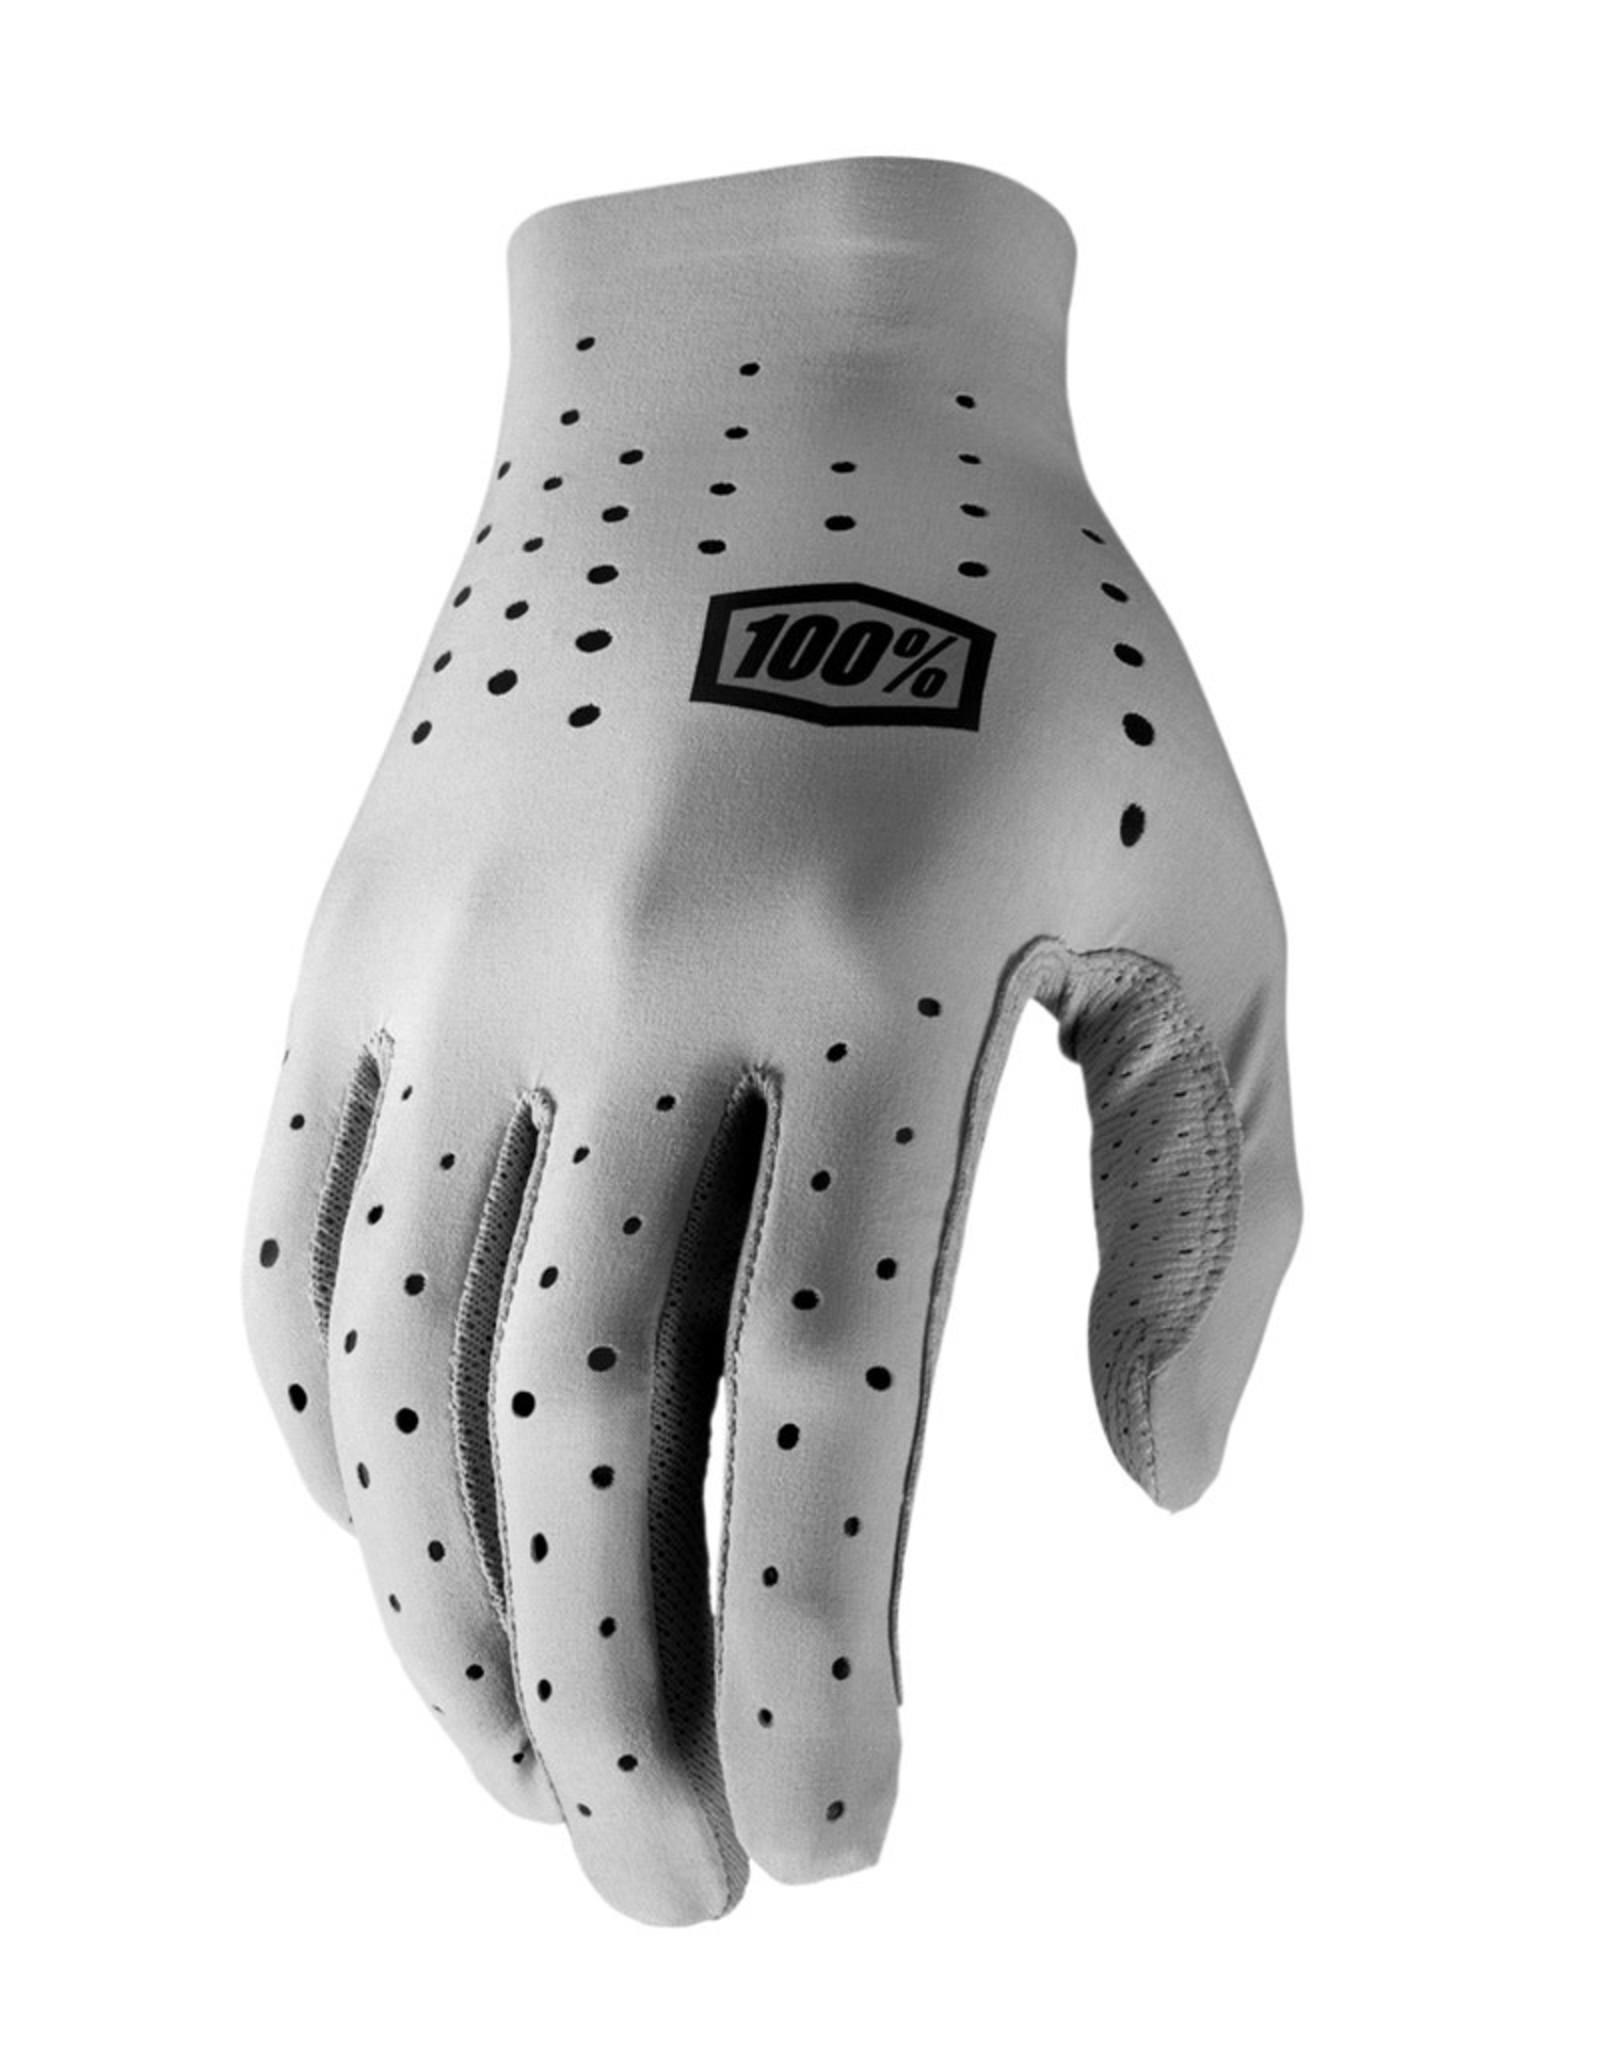 100% - Sling Long Finger Glove